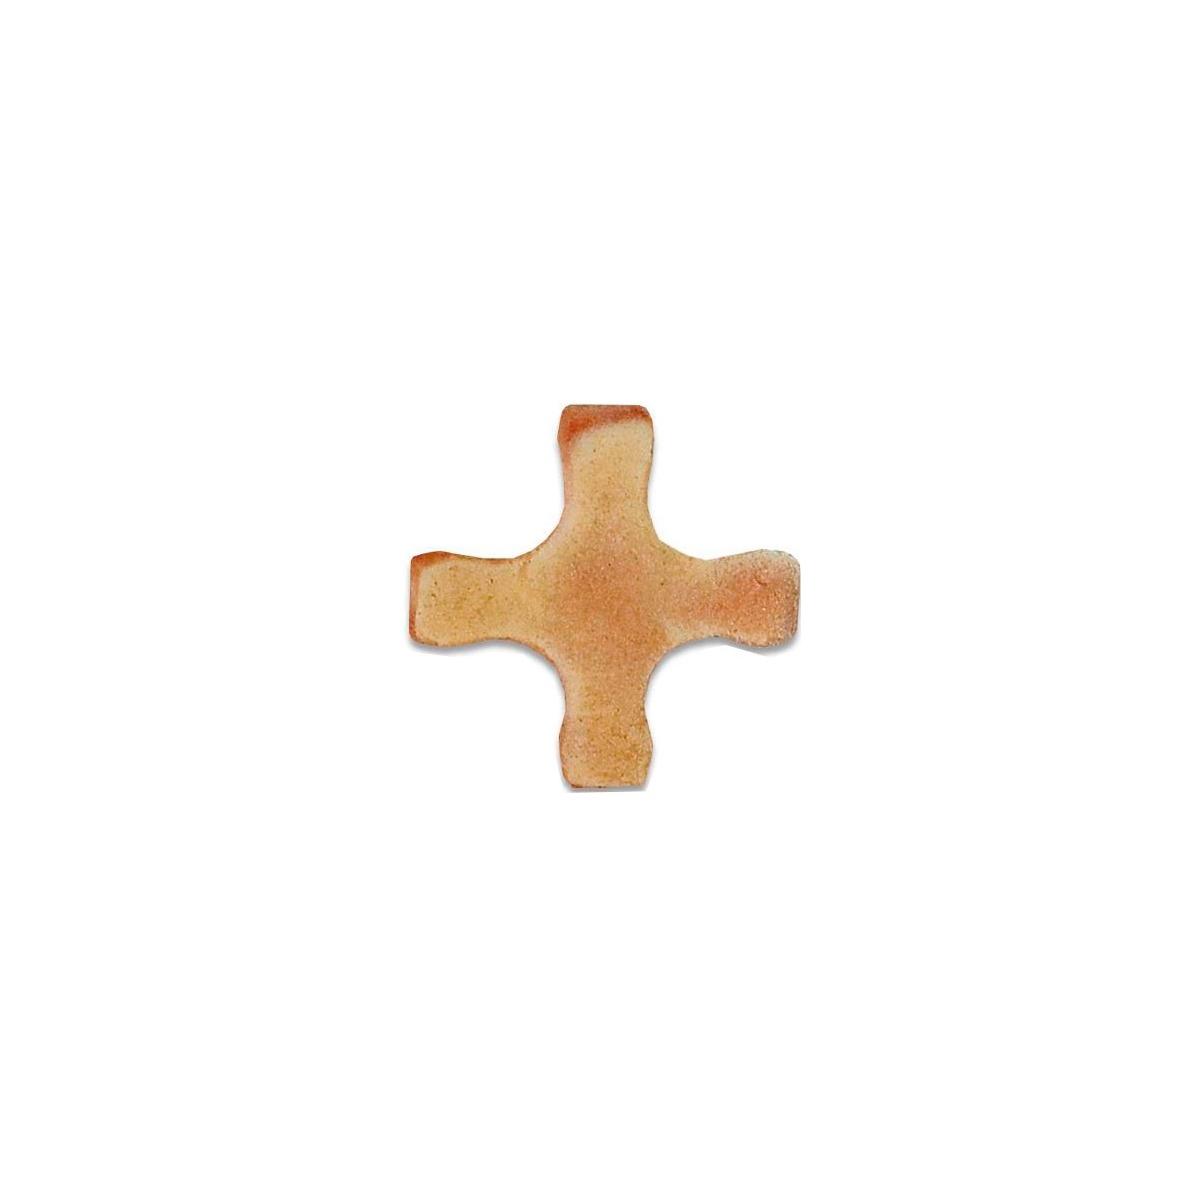 Cruces de barro - Pavimento con Barro Terracota - Marca Anticfang